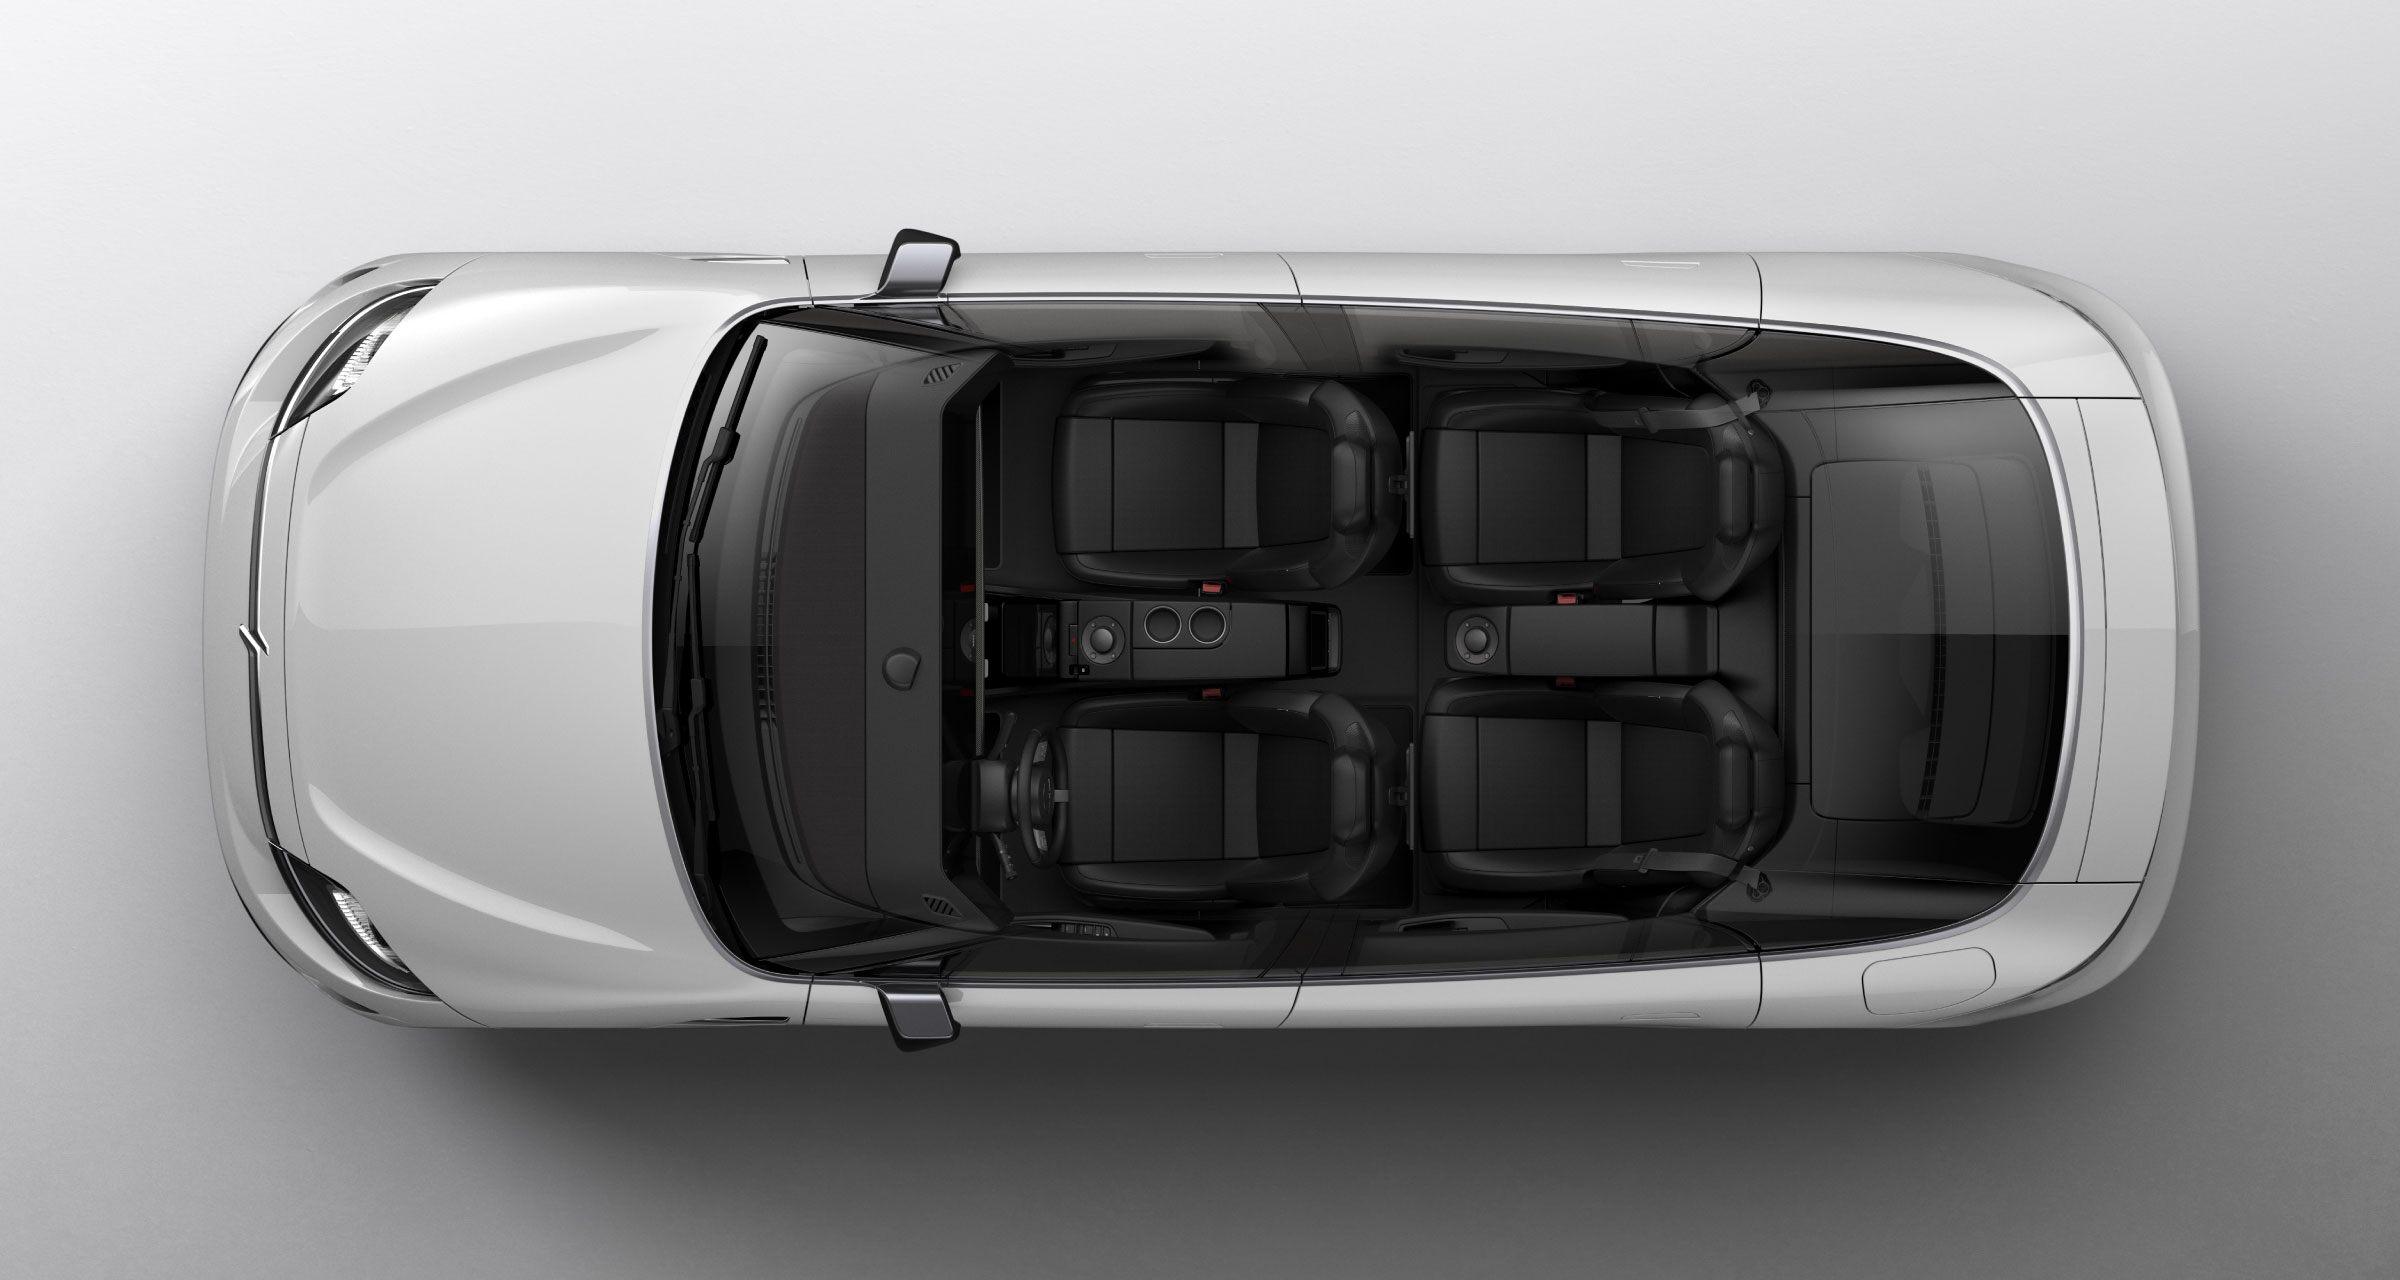 O belo teto de vidro revela os quatro assentos do veículo